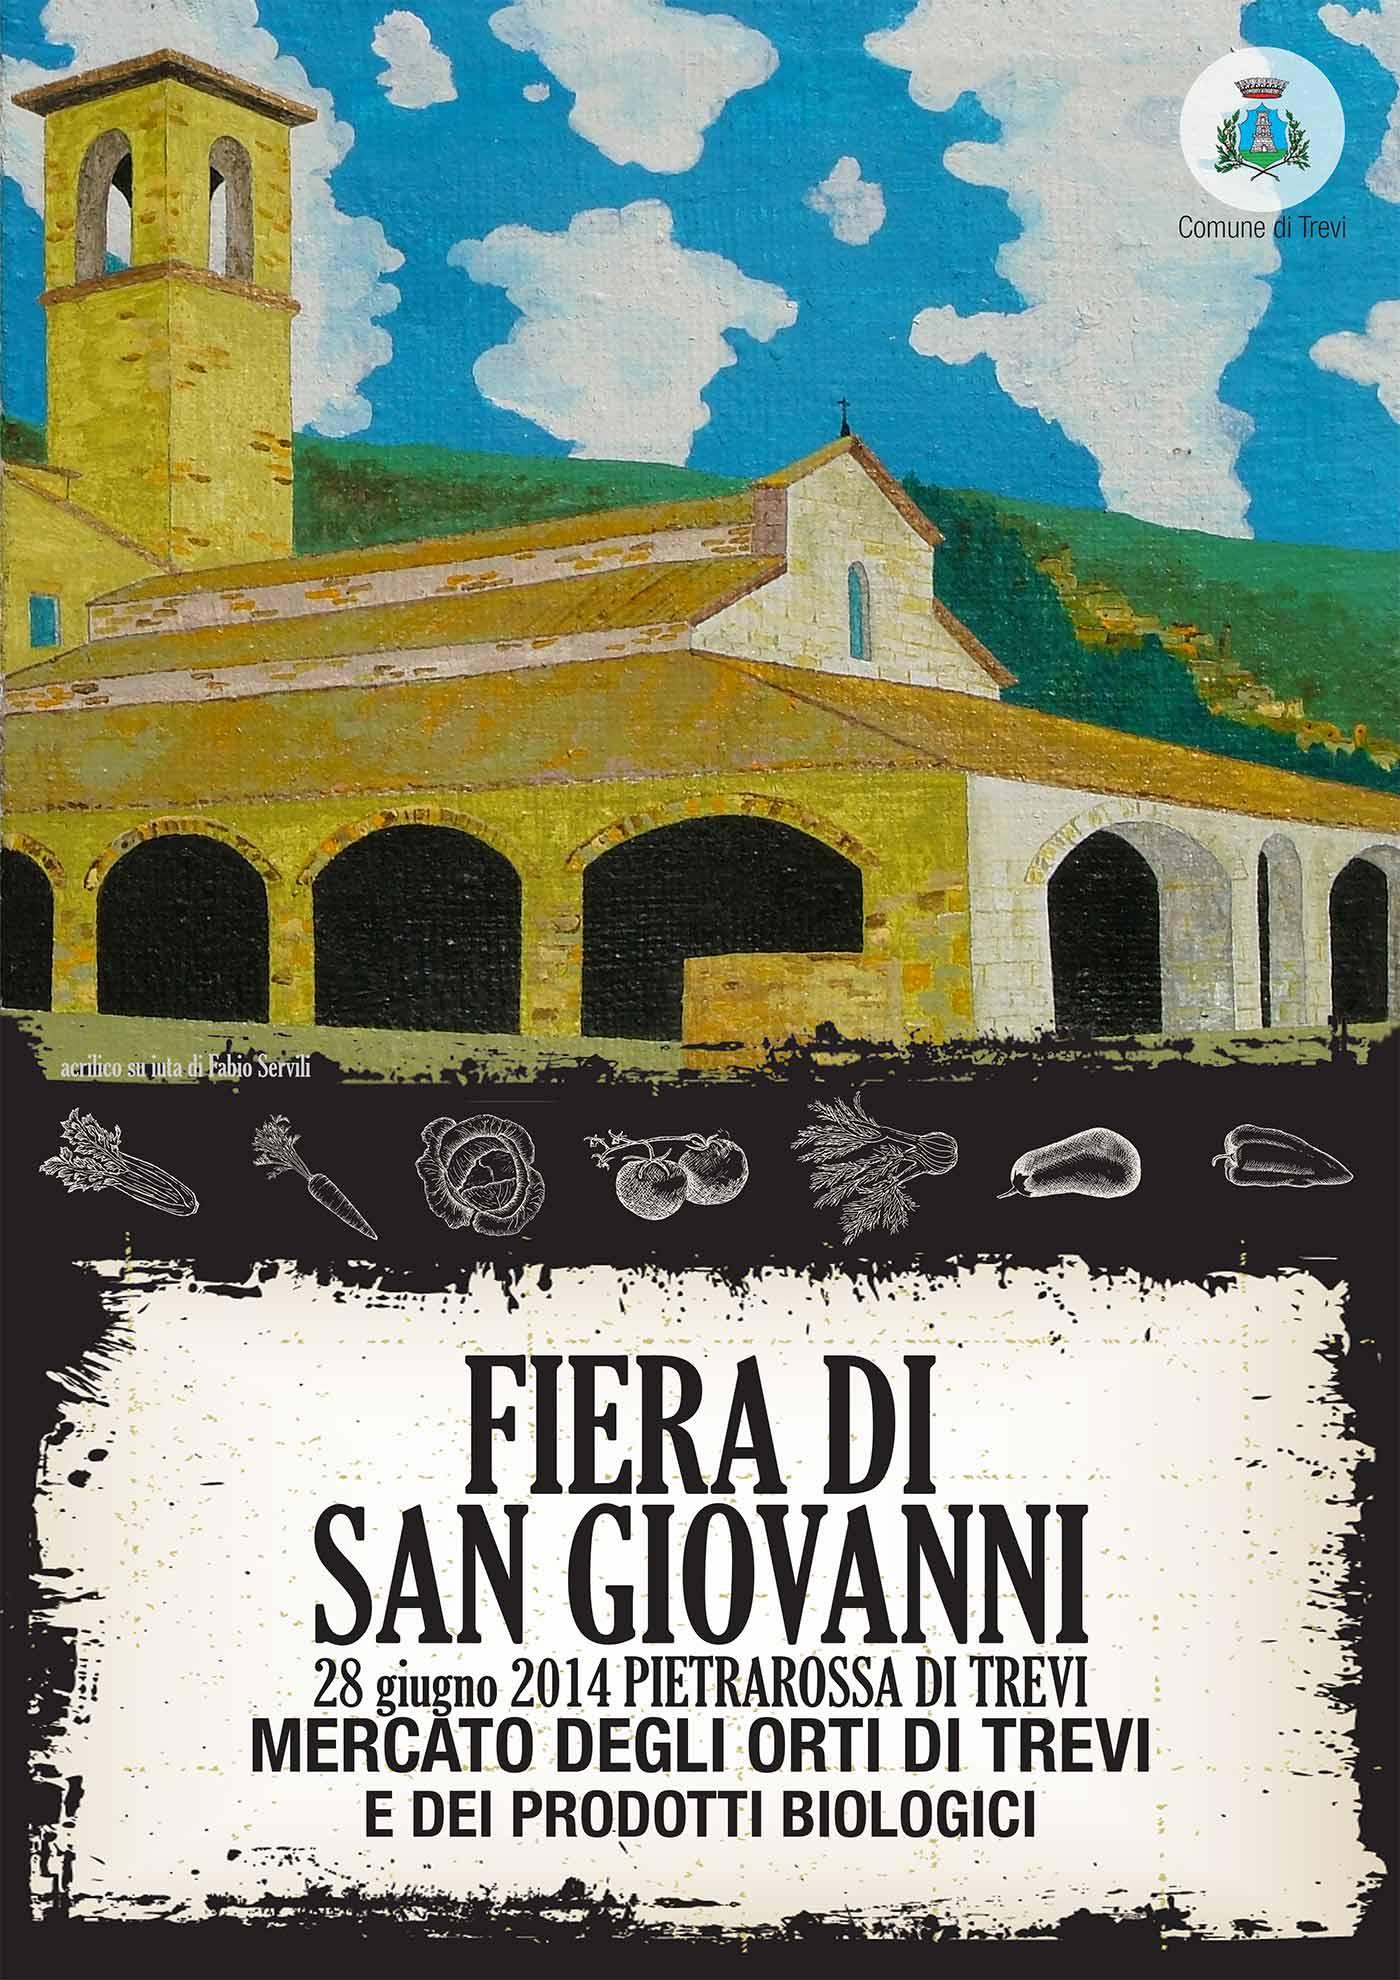 Grafica di Danilo Rapastella, Tiziana Ravagli. L'immagini di copertina è un acrilico su iuta di Fabio Servili